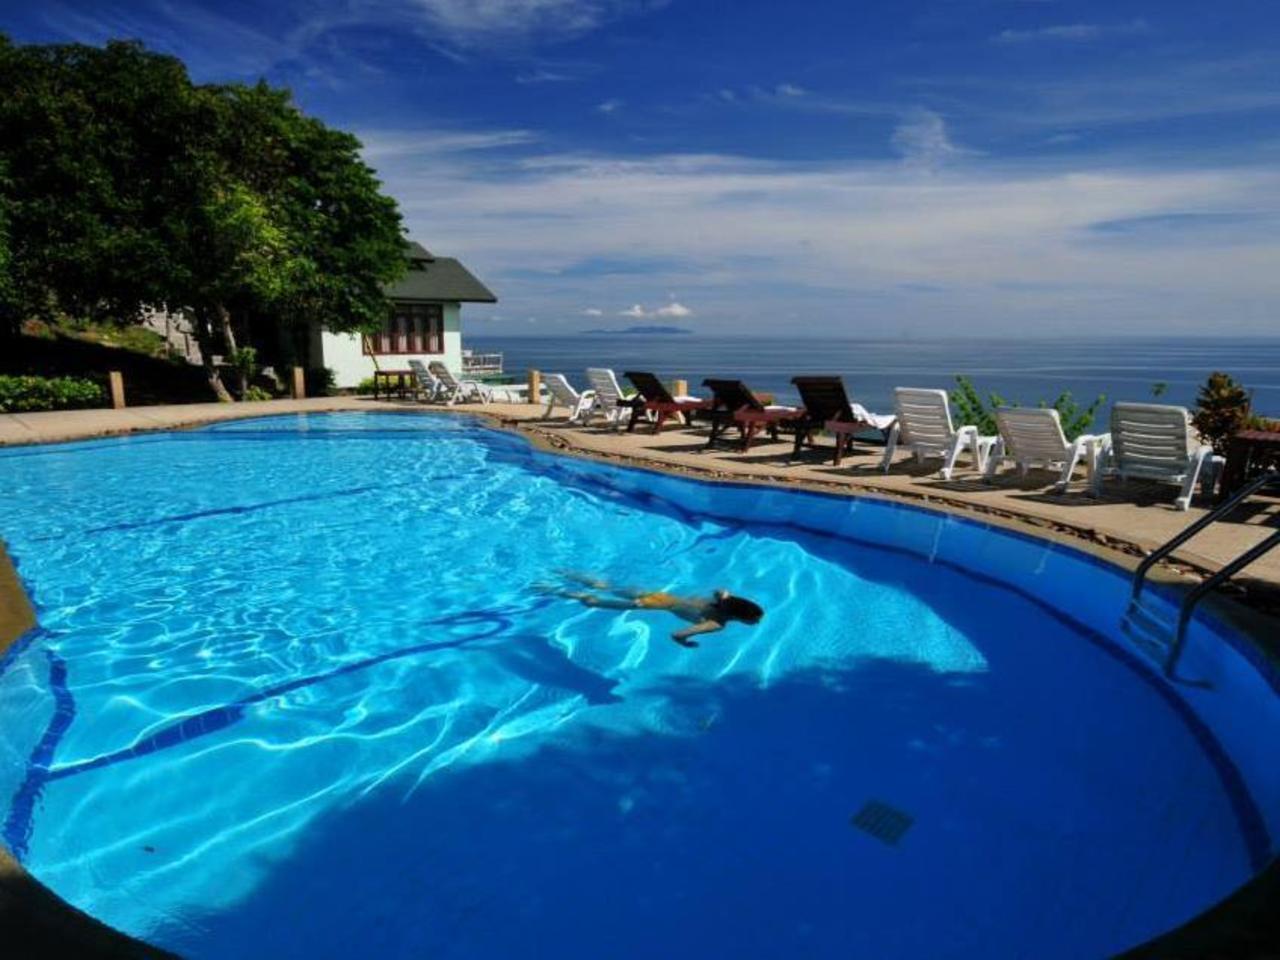 พะงัน ยูโทเปีย รีสอร์ท (Phangan Utopia Resort)